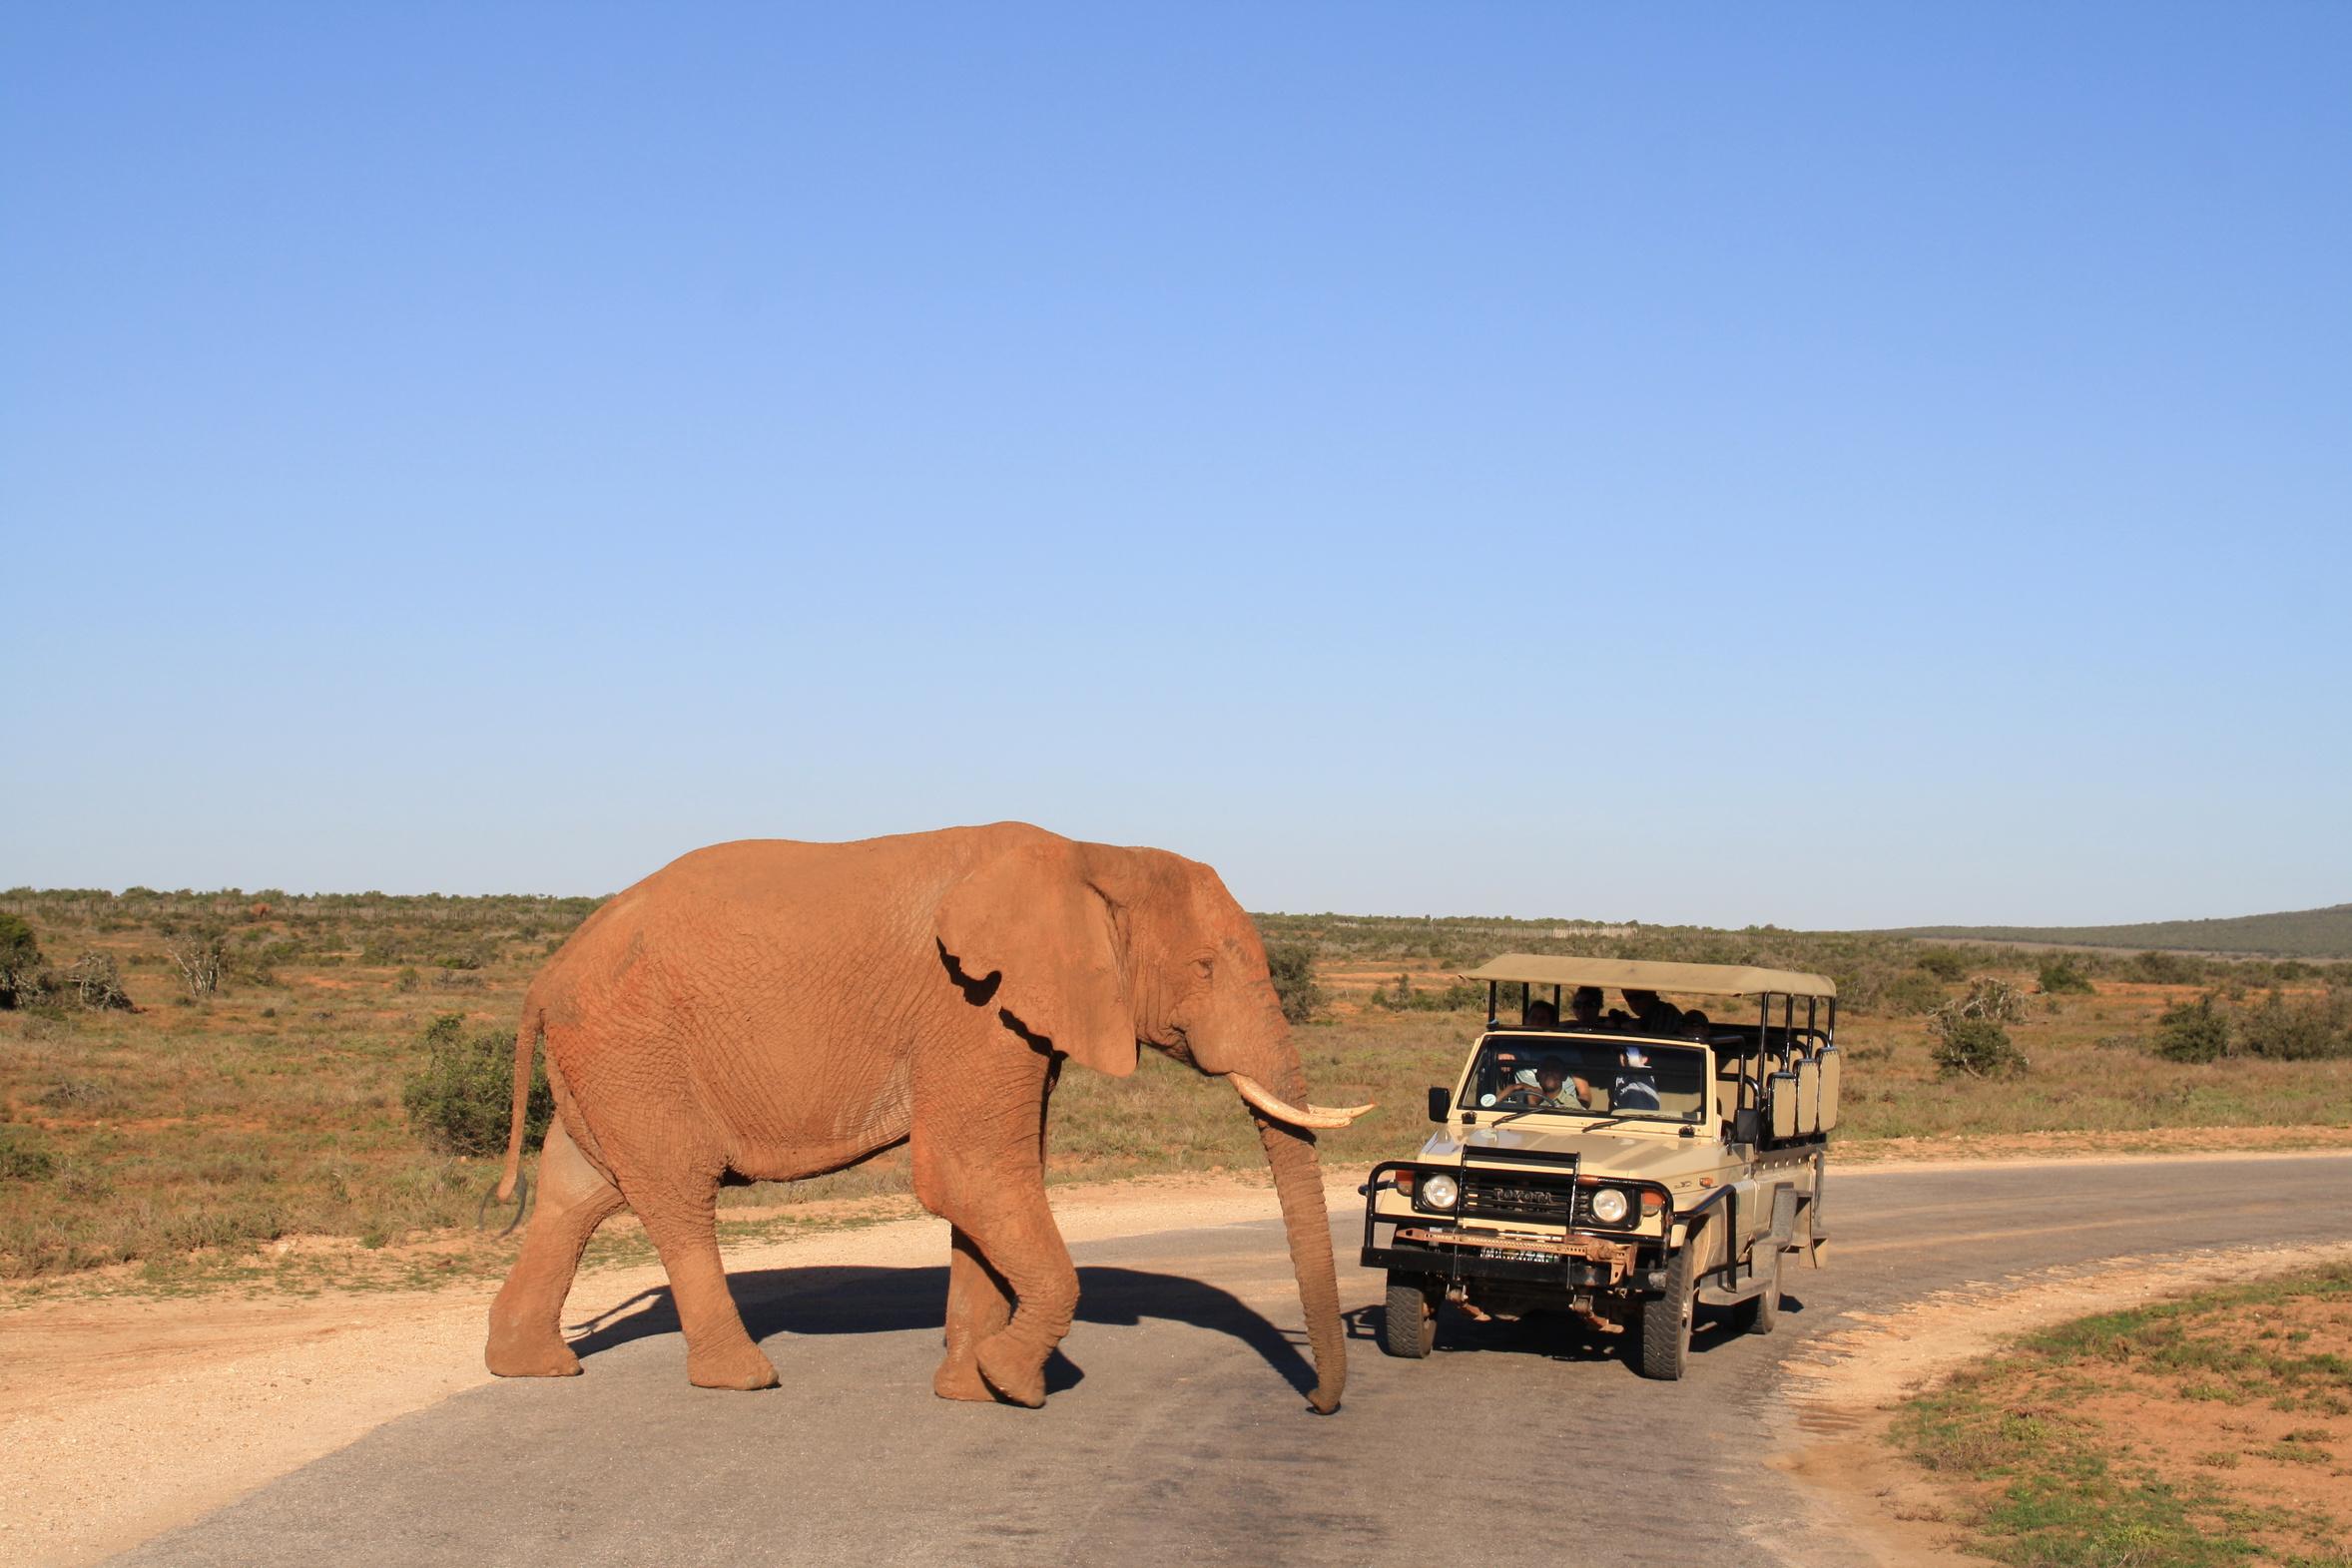 Safari Elefant Sdafrika